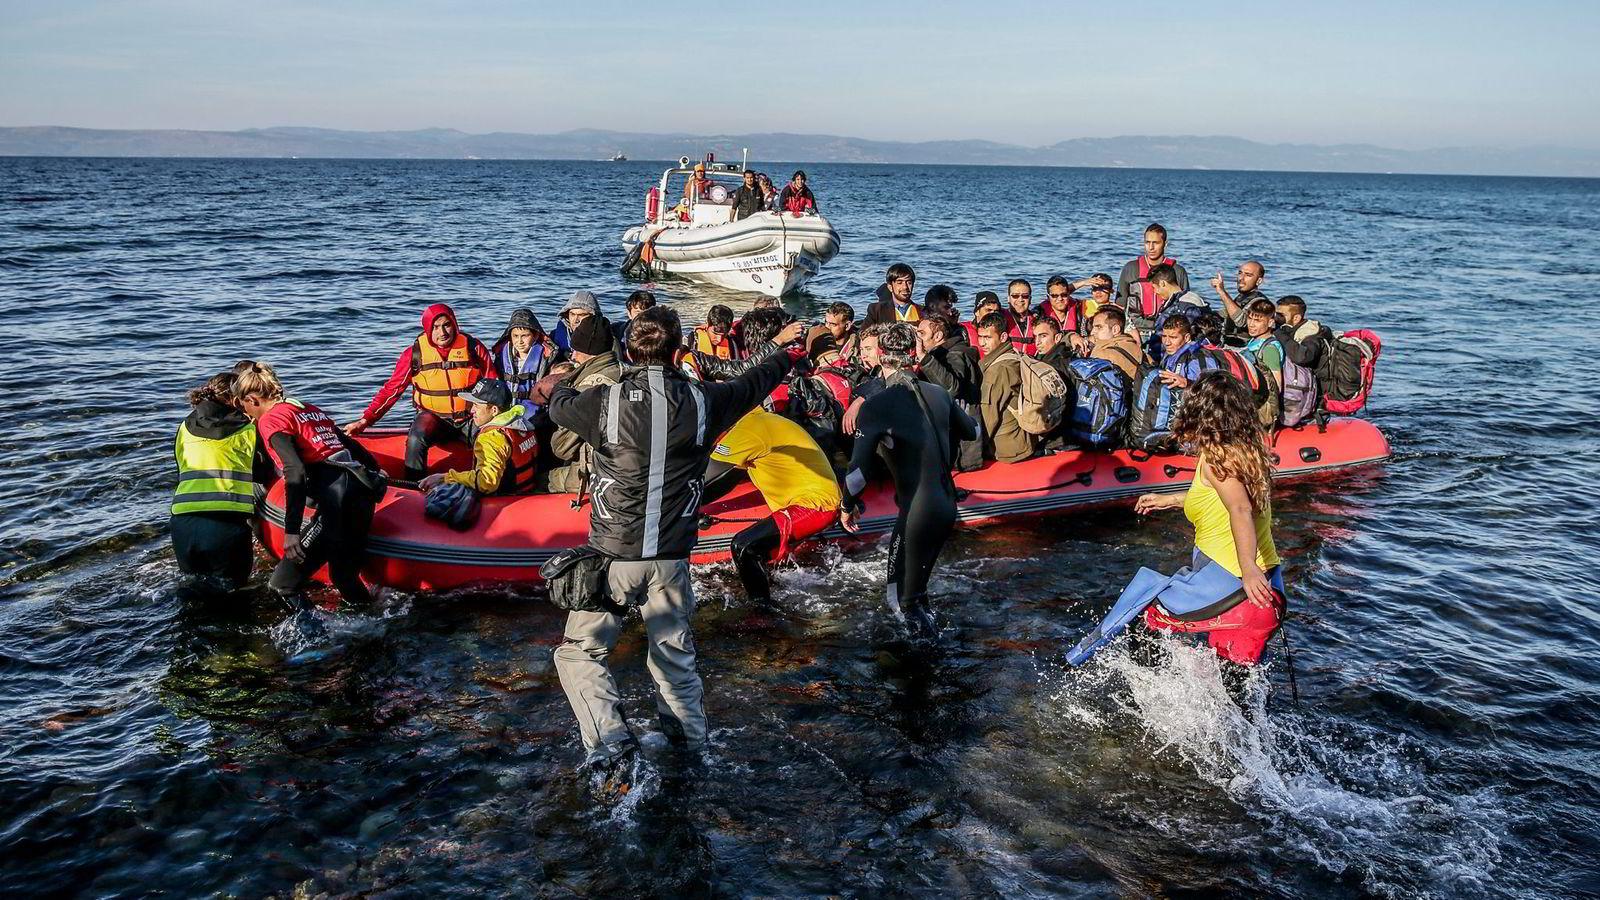 Bildet viser flyktninger som tar seg inn i Schengen-området via Lespos i Hellas. Før EU og Tyrkia inngikk en avtale for å begrense strømmen av flyktninger, passerte svært mange flyktninger daglig over sundet mellom Tyrkia og Lesvos i Hellas. Foto: Stein J. Bjørge / Aftenposten / NTB Scanpix